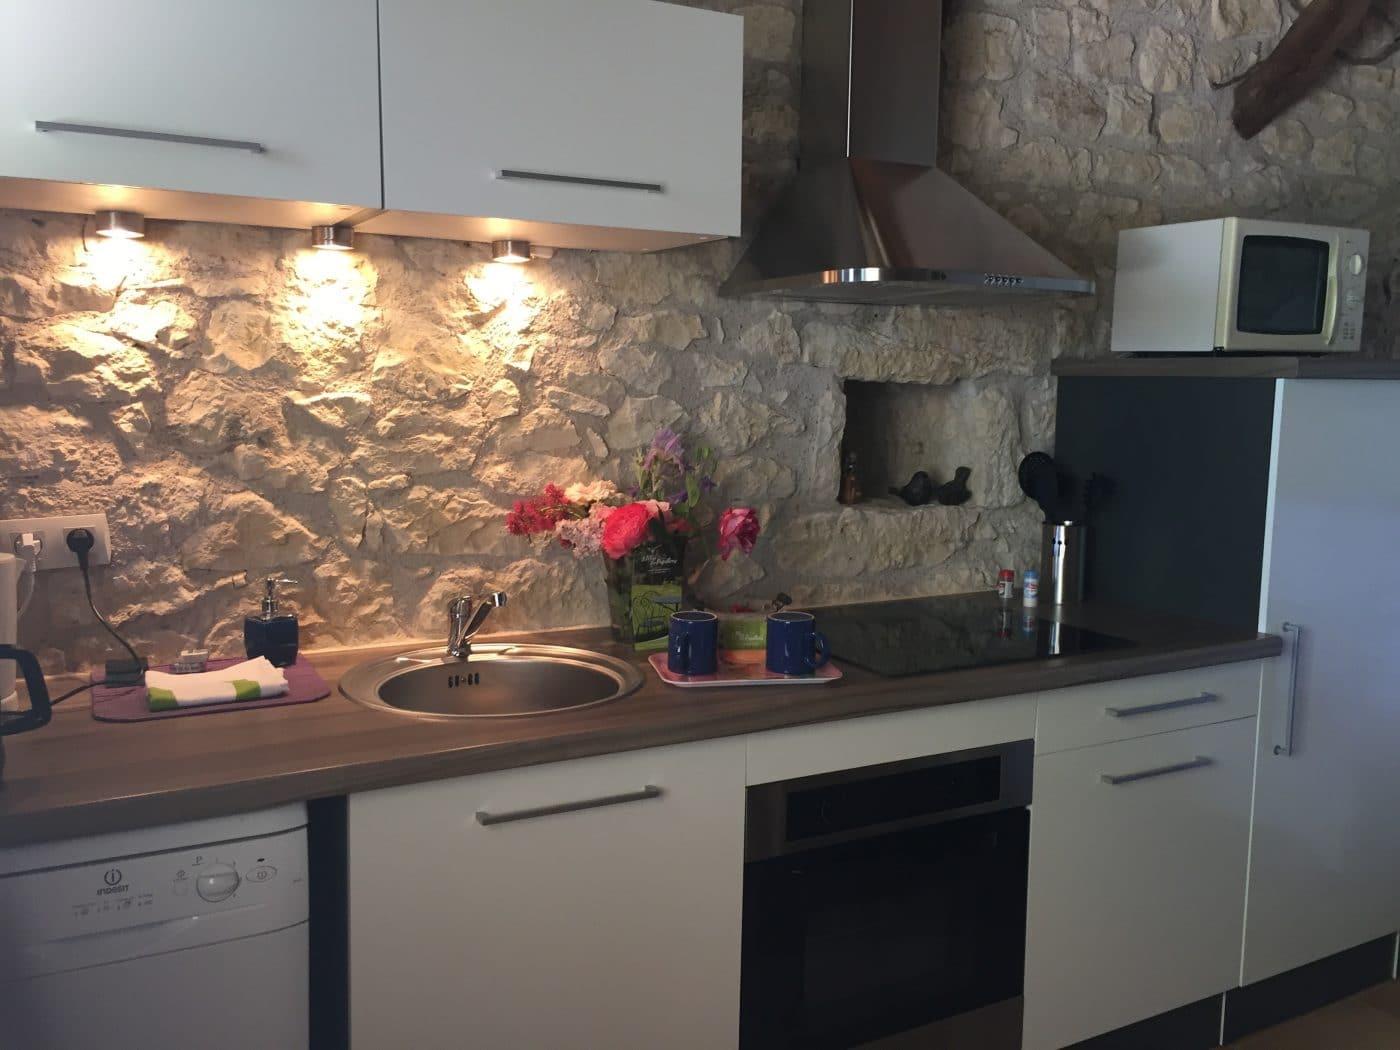 chambre d'hôte avec cuisine cahors montcuq Puy-l'Évêque